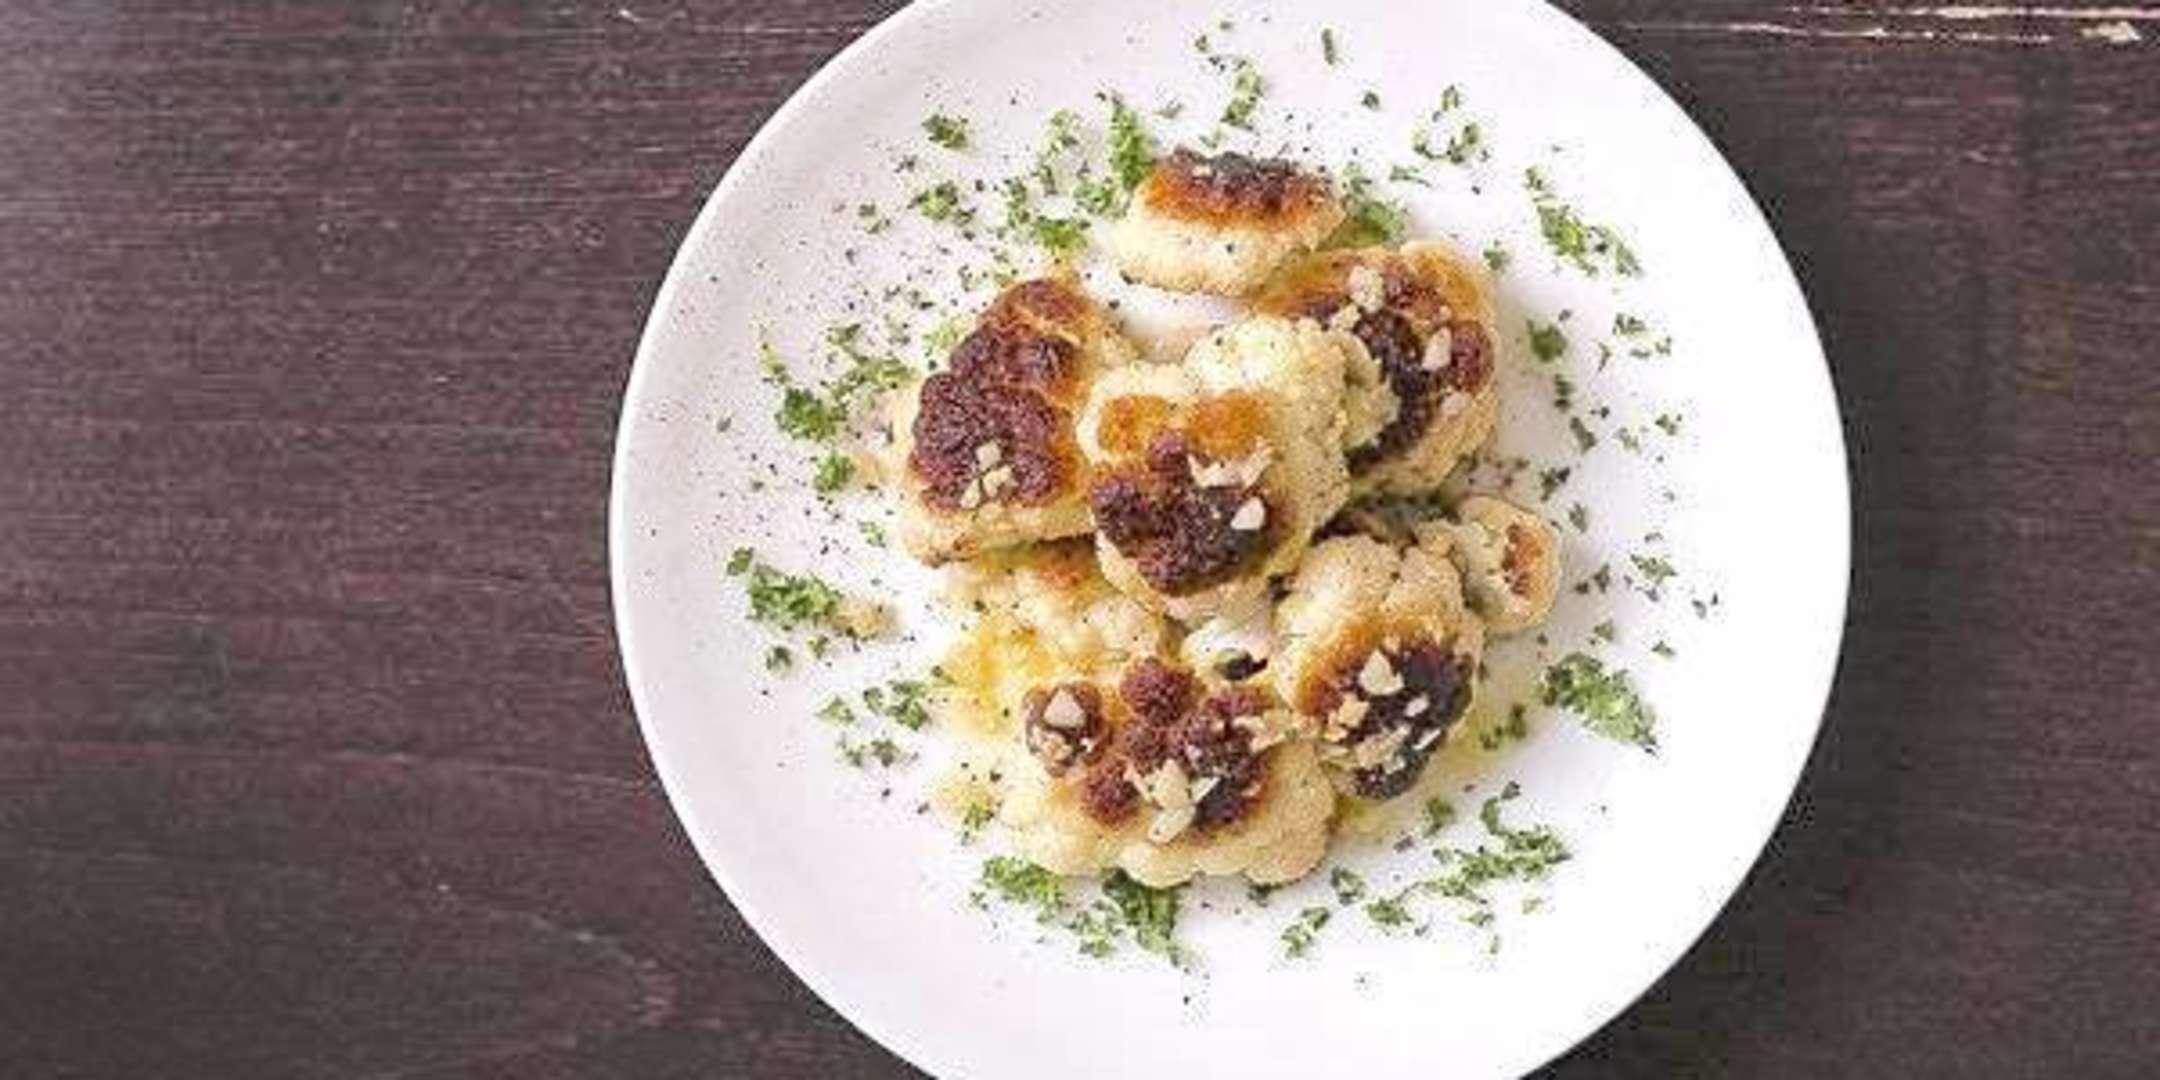 Modern Italian Cuisine - Team Building by Cozymeal™